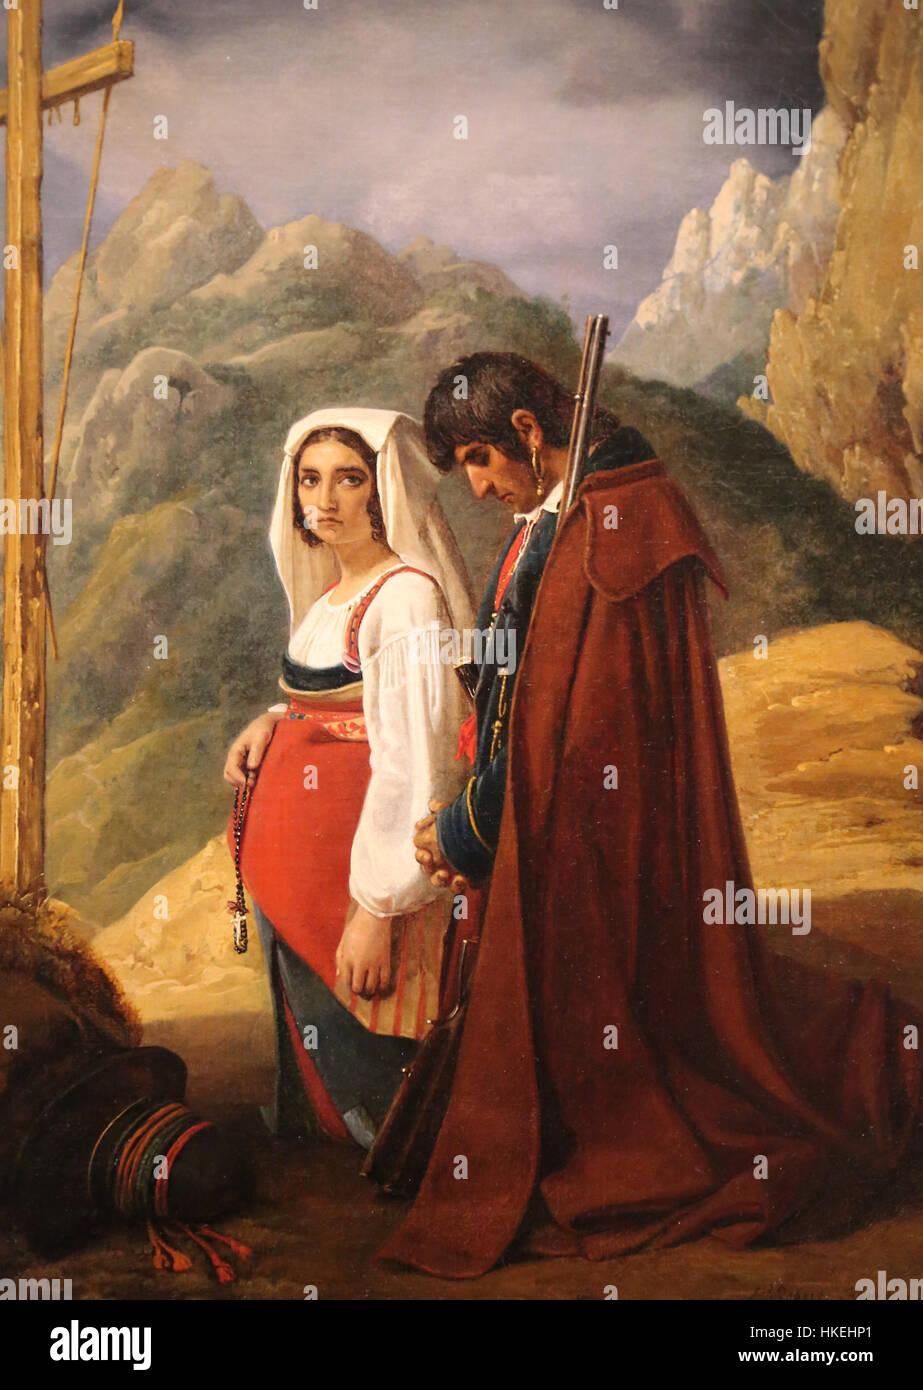 Räuber und seine Frau im Gebet, 1824. Öl auf Leinwand, von Leopold Robert (1794-1835). Metropolitan Museum Stockbild